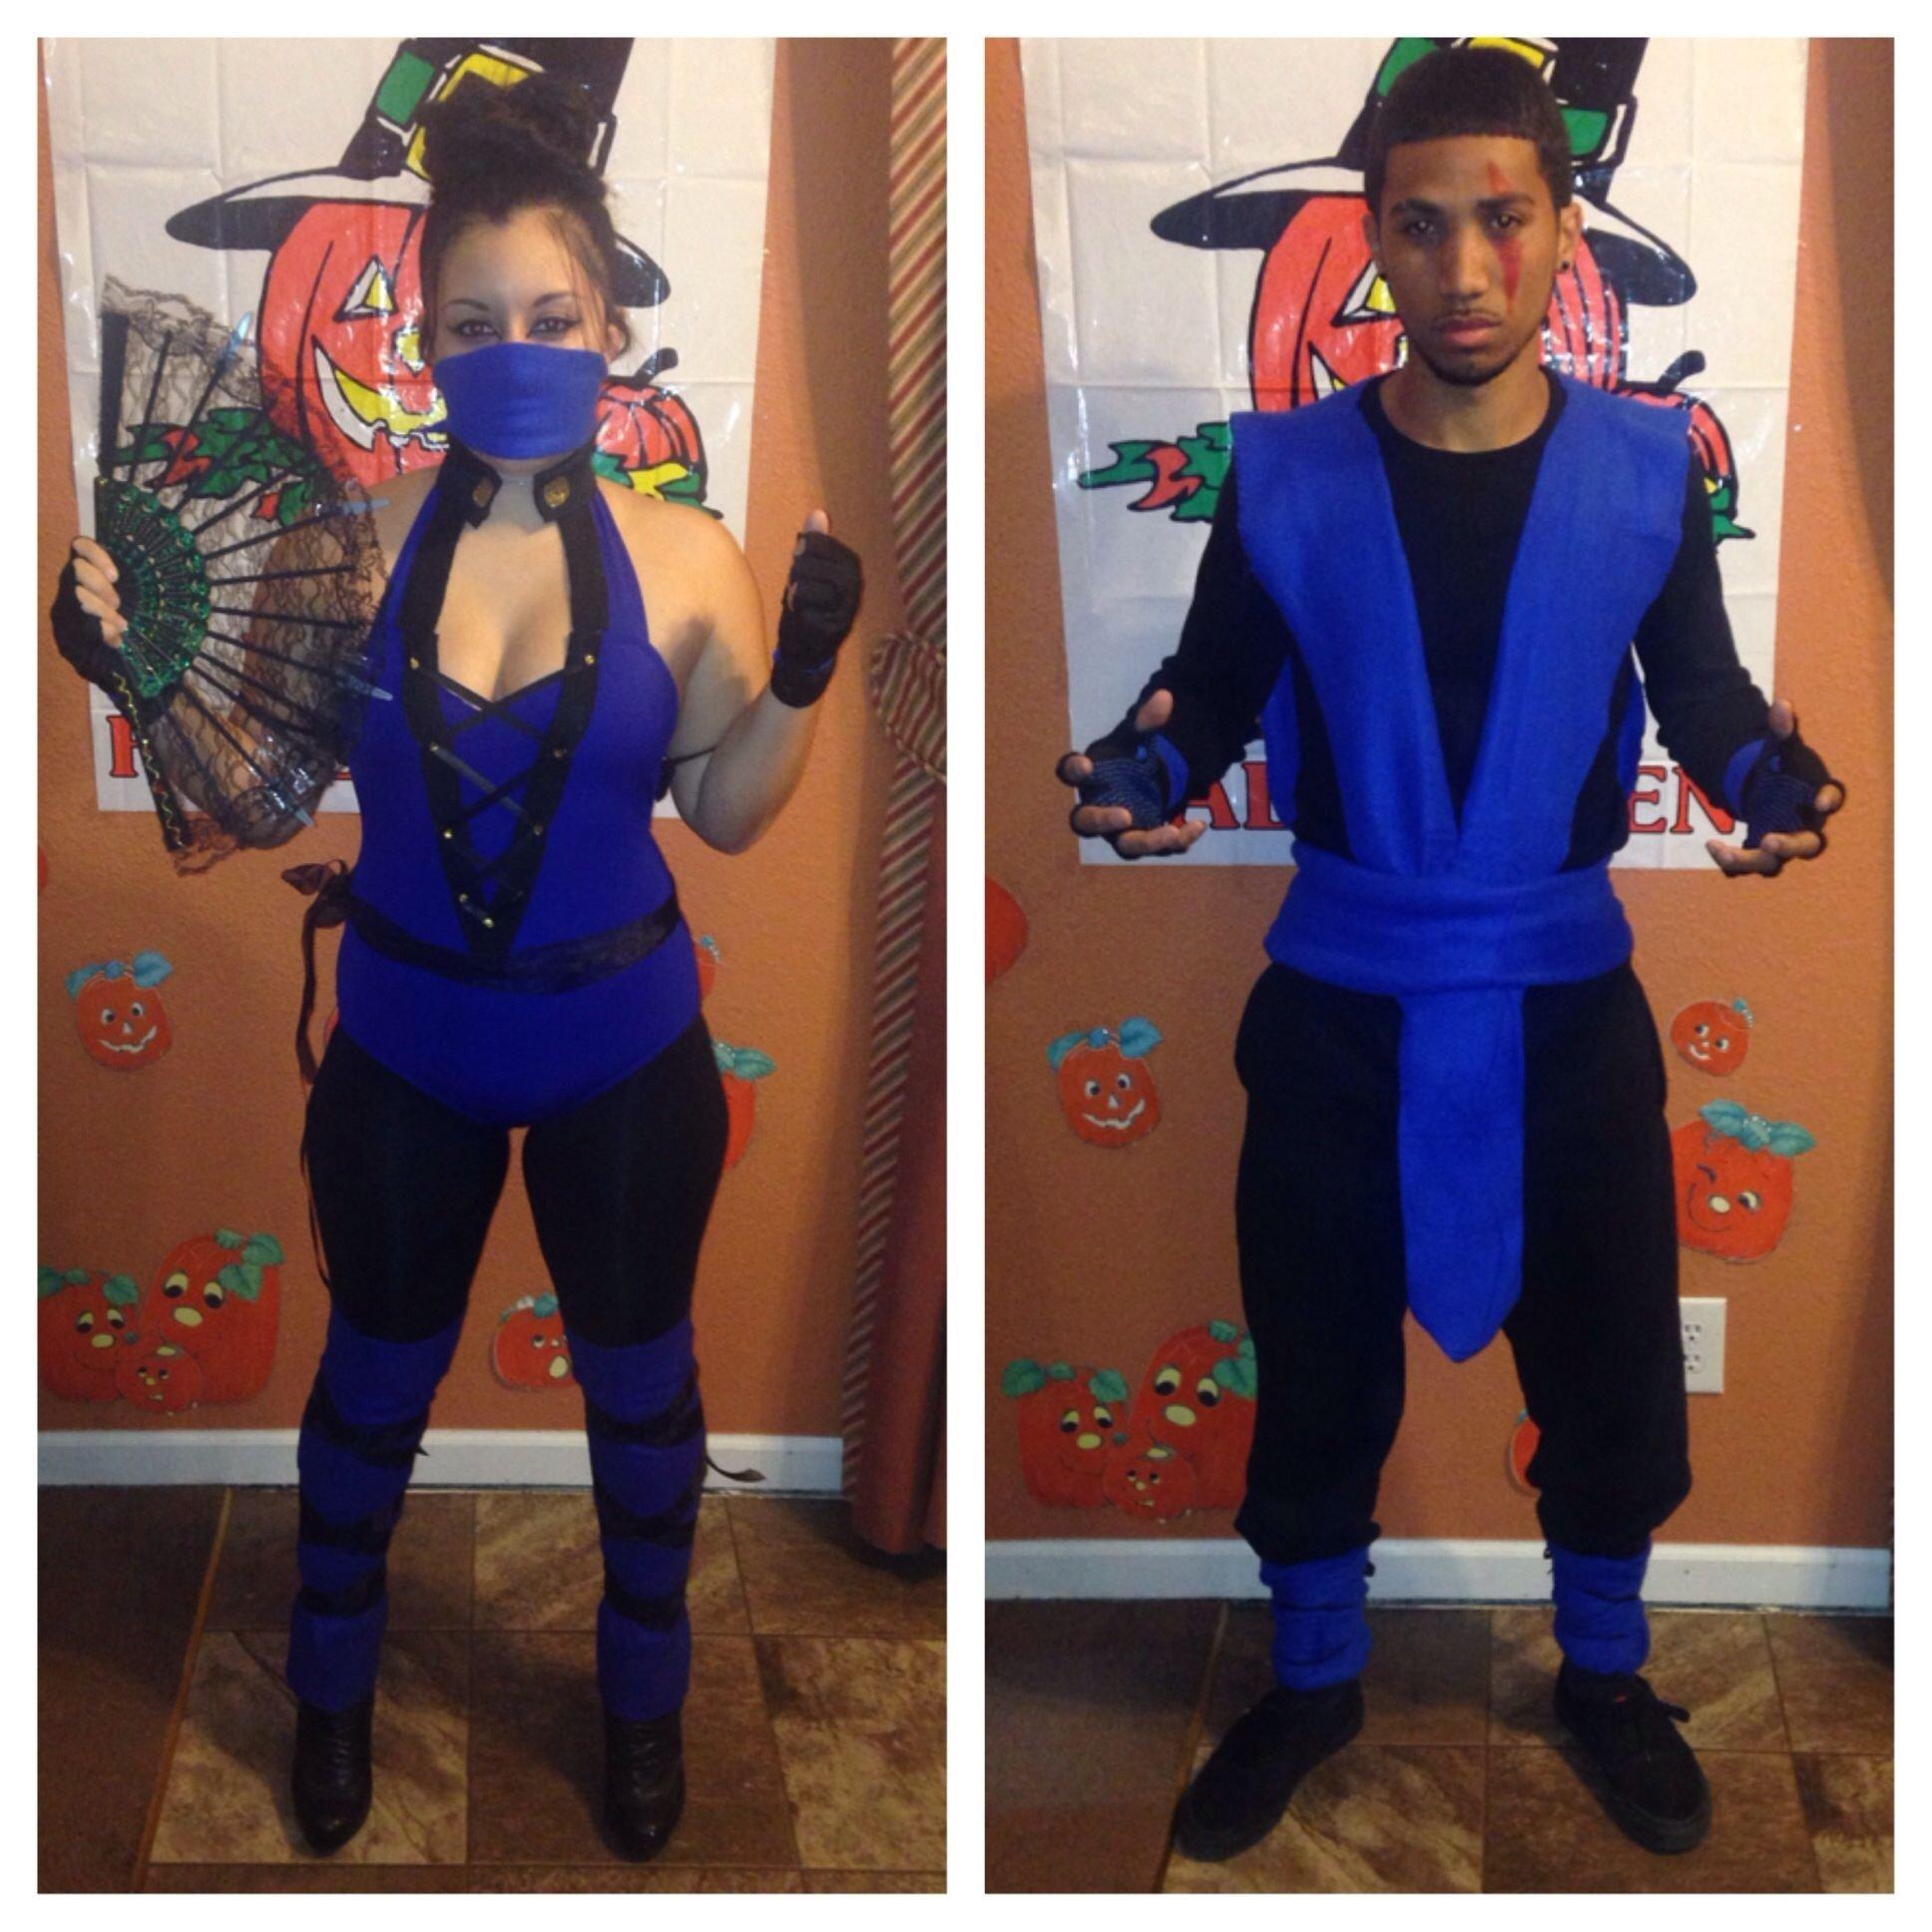 10 Stunning Halloween Costume Ideas For 2013 kitana sub zero couple costume halloween 2013 mortal kombat dyi 2020